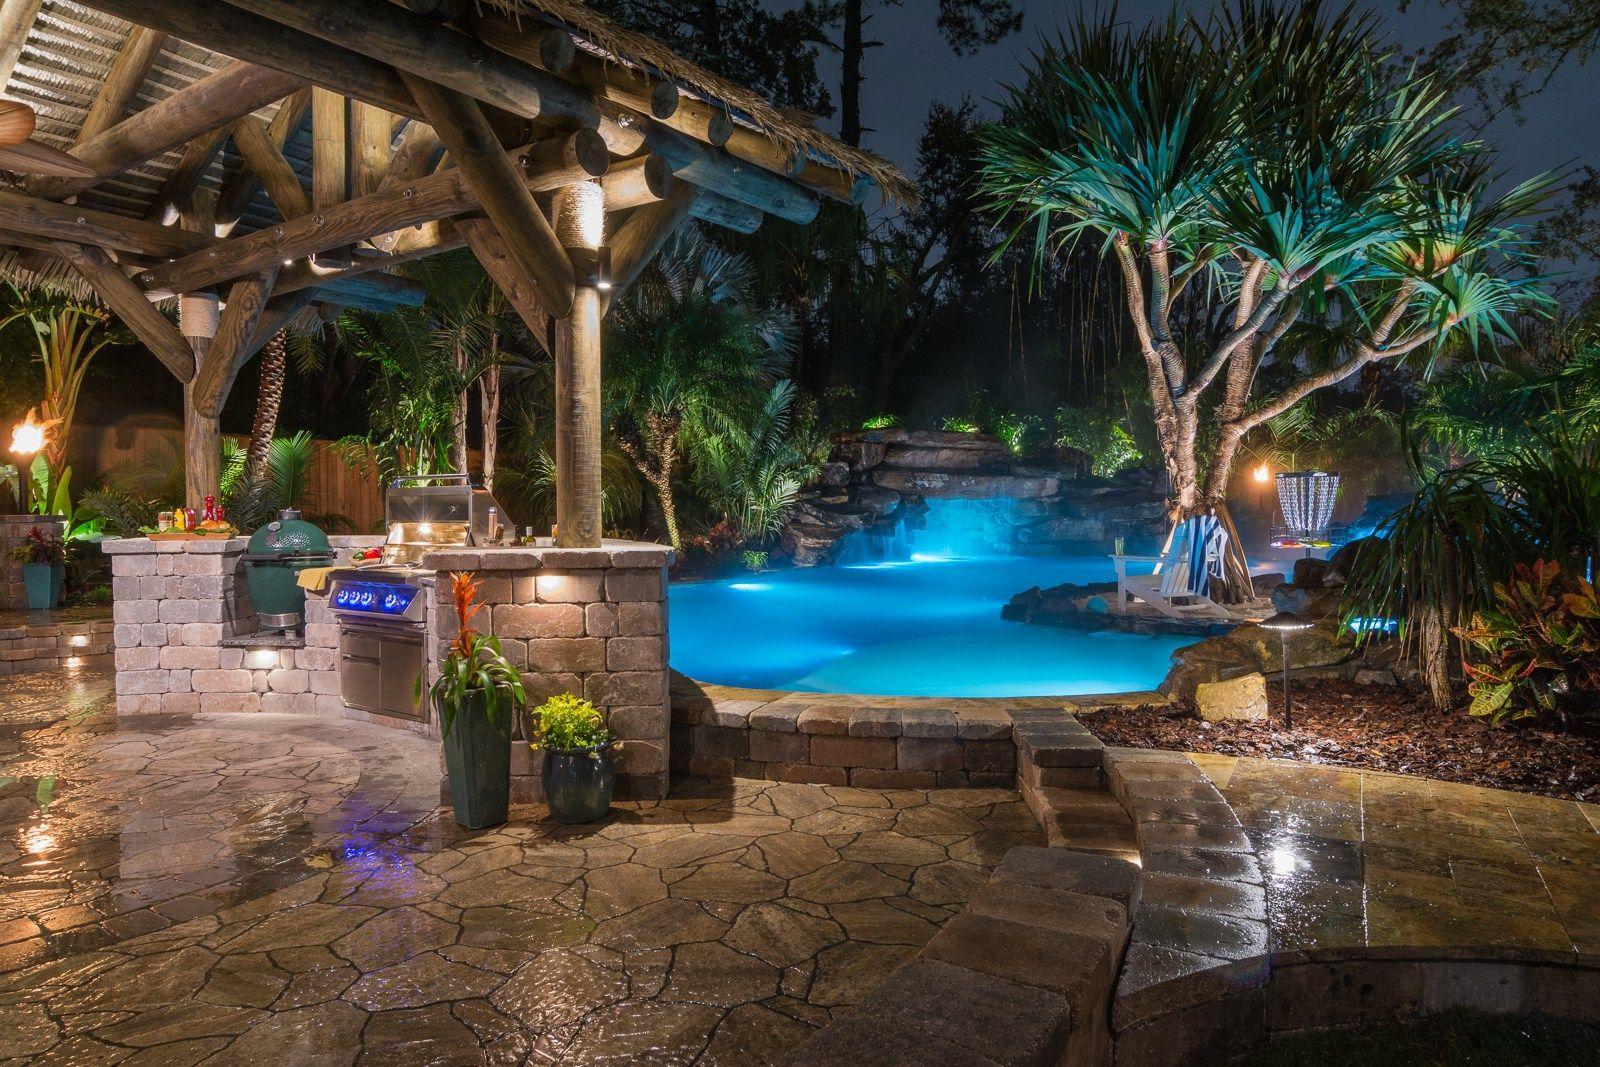 Insane Pools Pina Pool Ada Jacksonville Custom Pool By Lucas Lagoons And Pratt Guys Luxury Swimming Pools Insane Pools Swimming Pool Designs